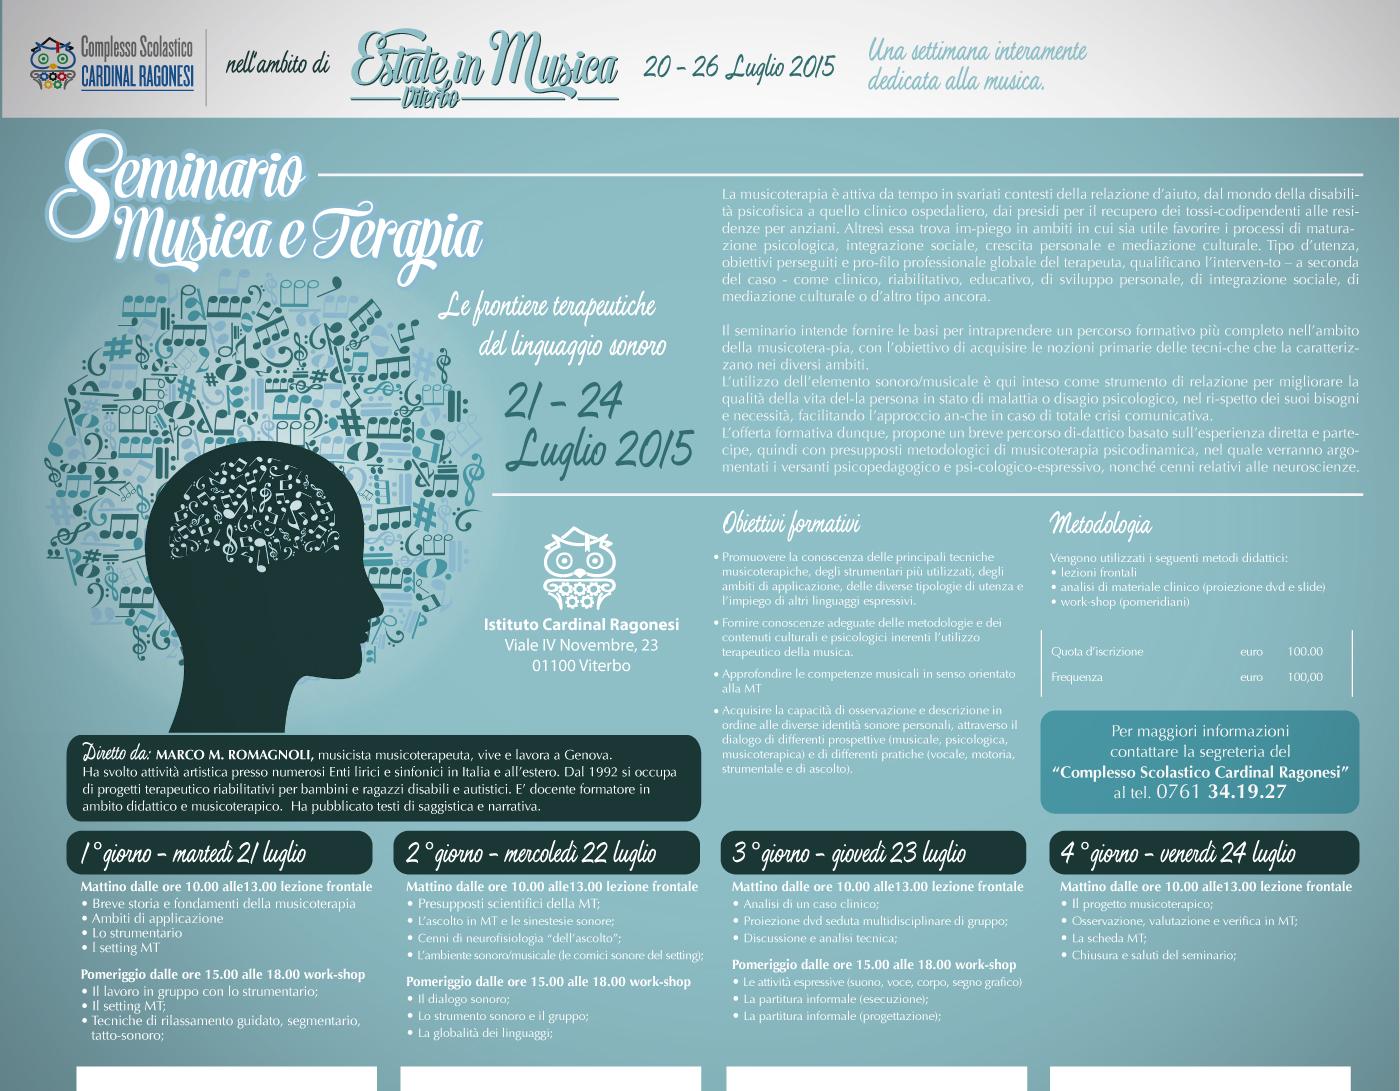 MUSICAterapia esterno - Seminario Musica e Terapia 2015